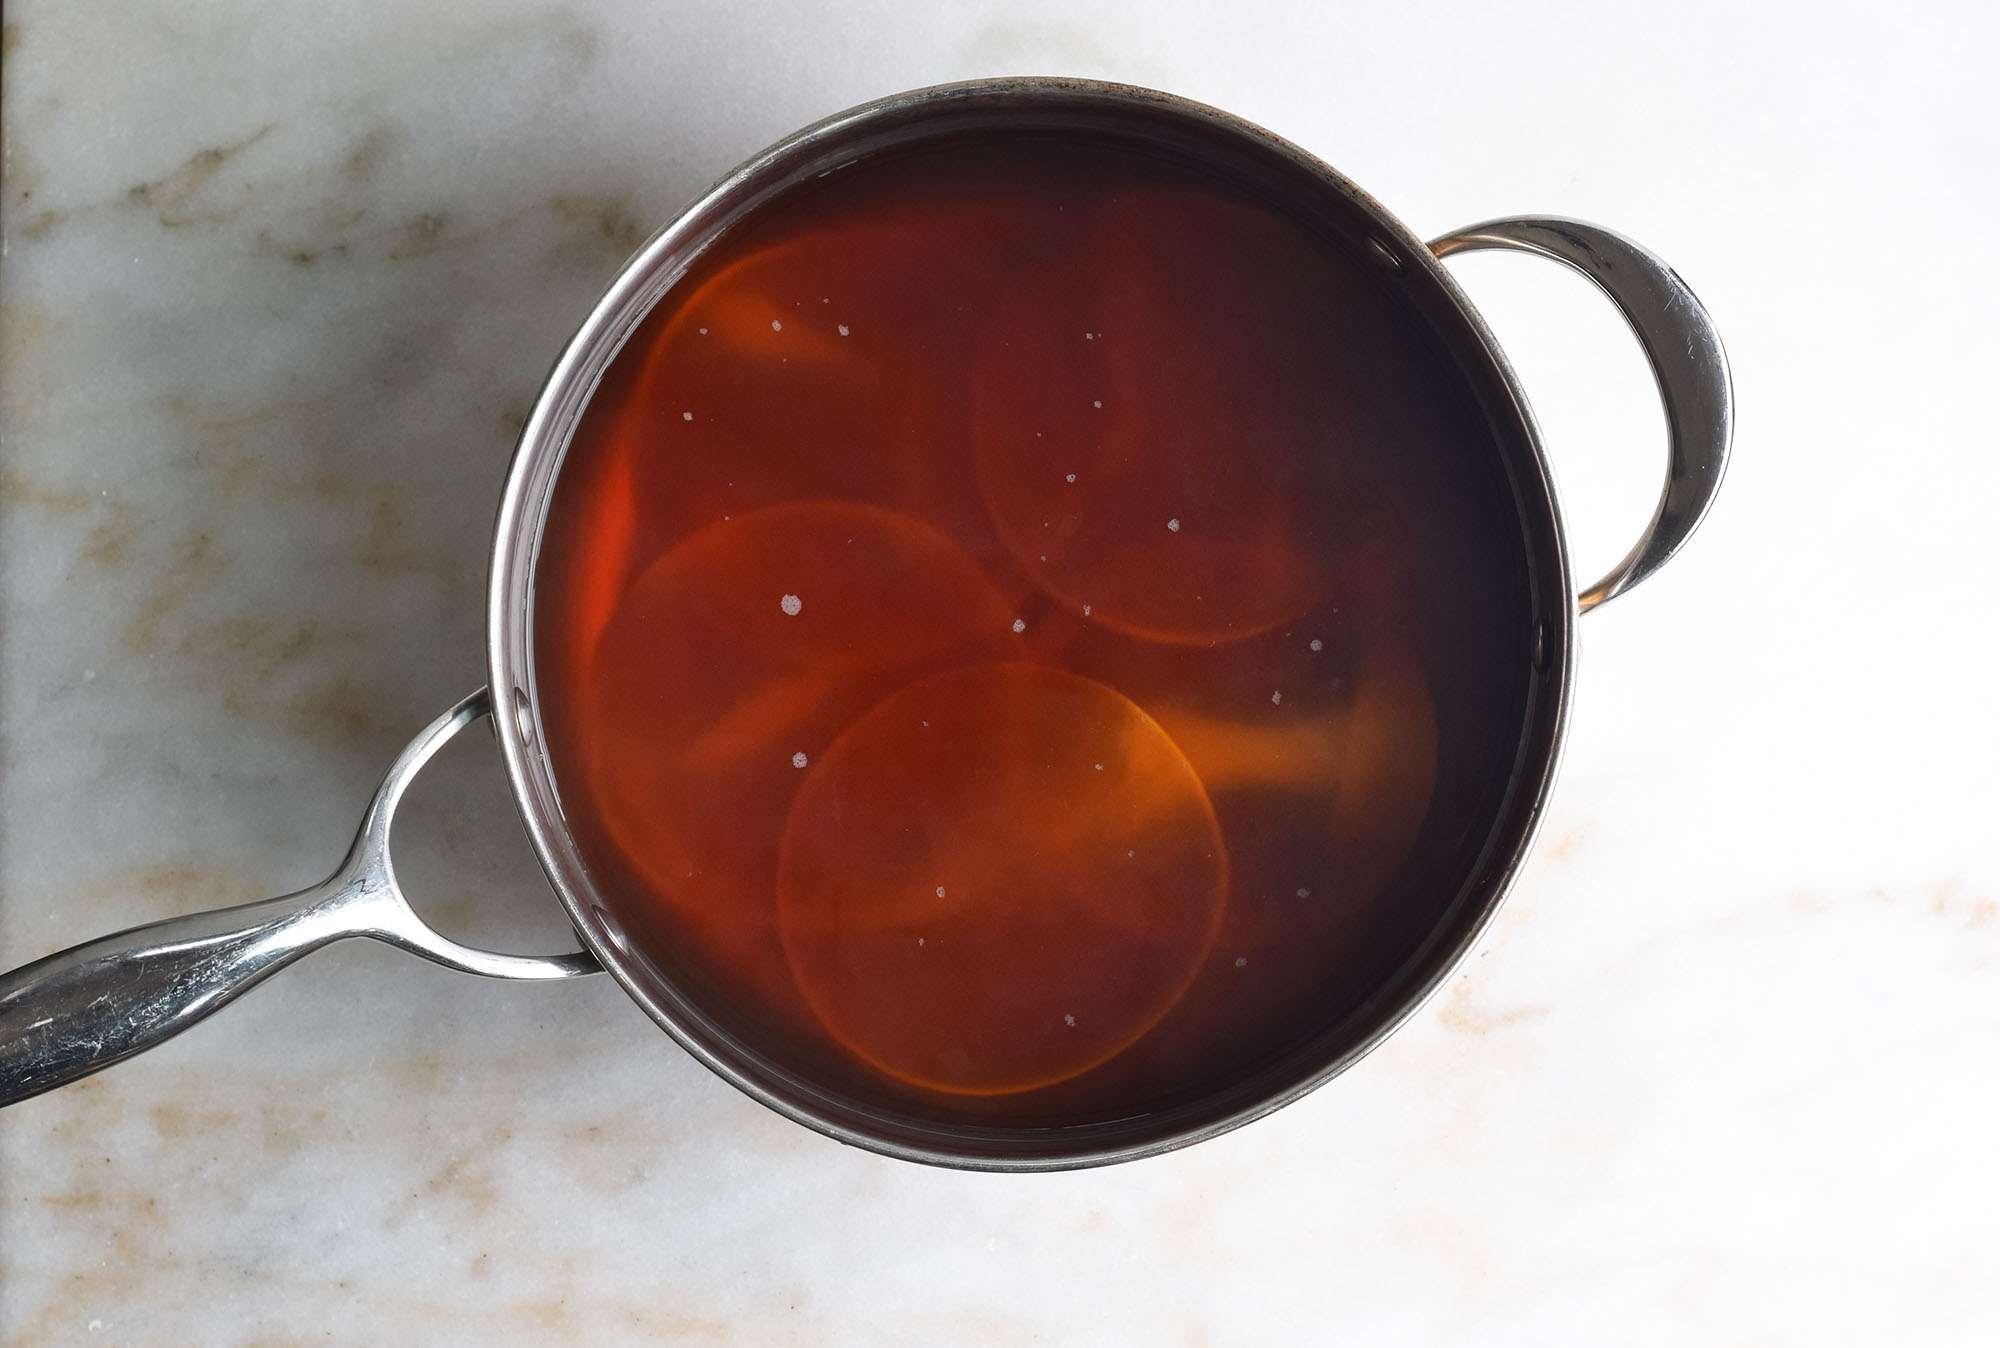 dumpling wrappers boiling in coffee